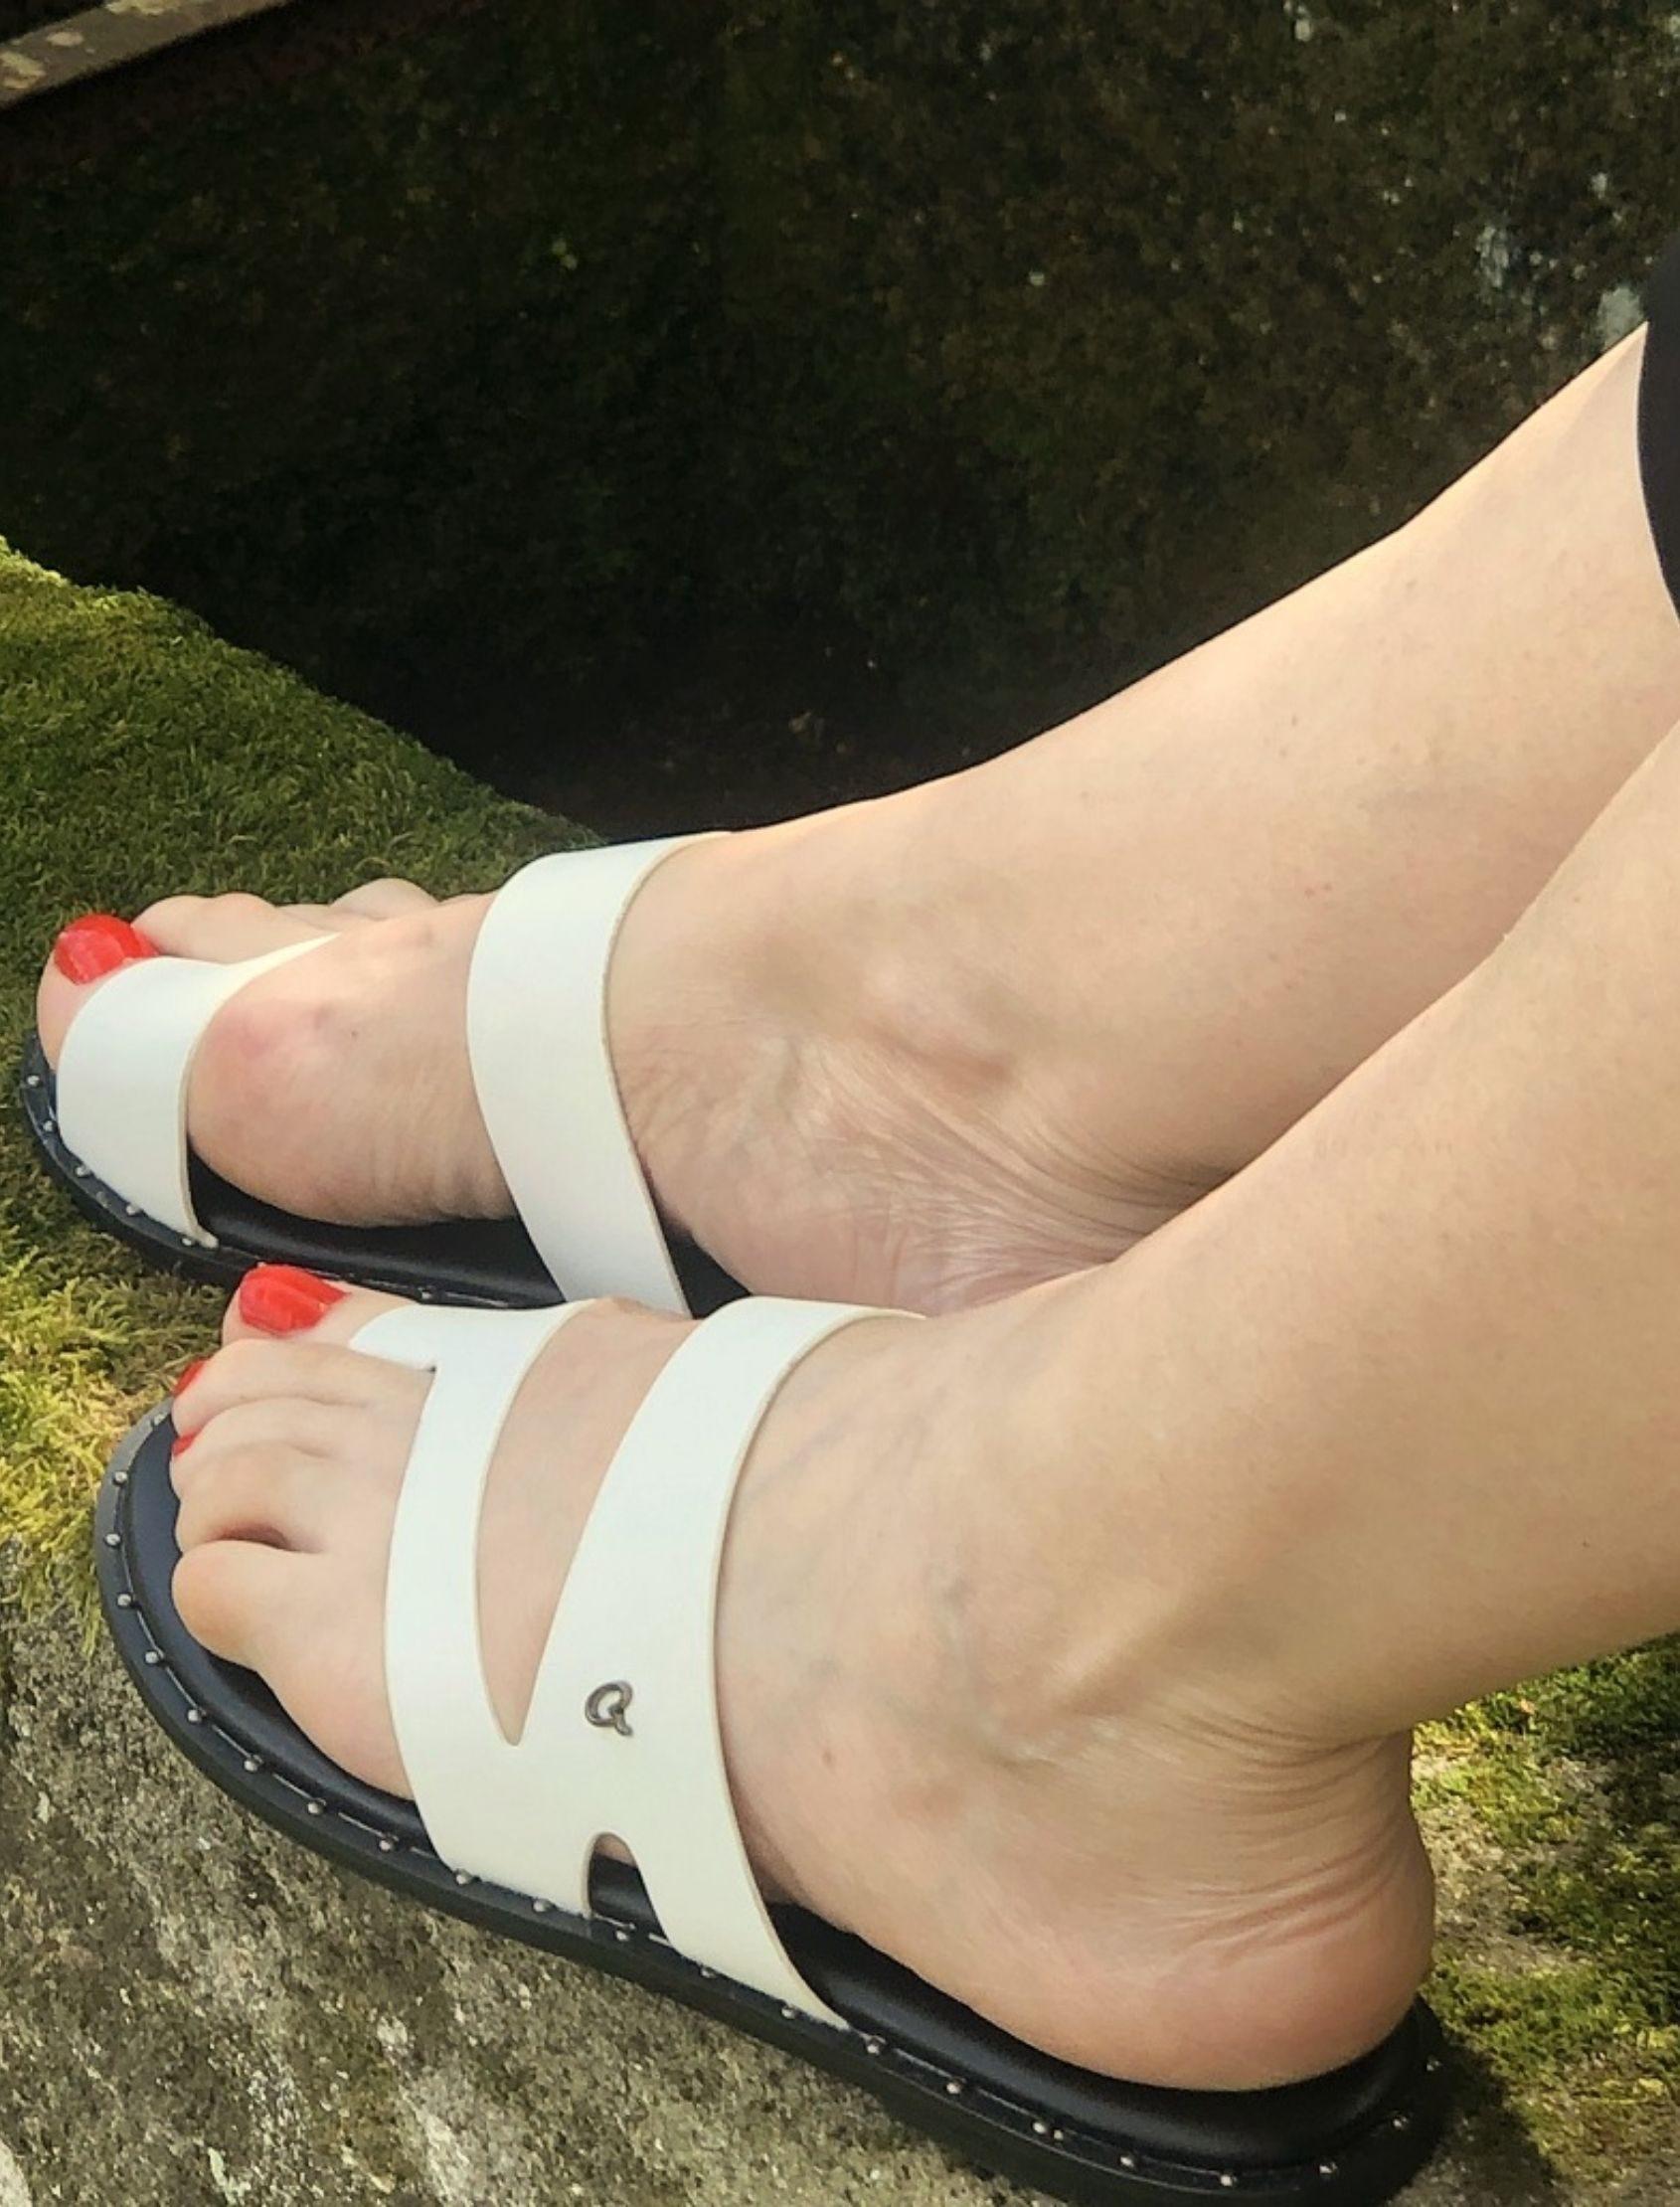 sandalis de piel en color blanco con suela negra y tachuelas